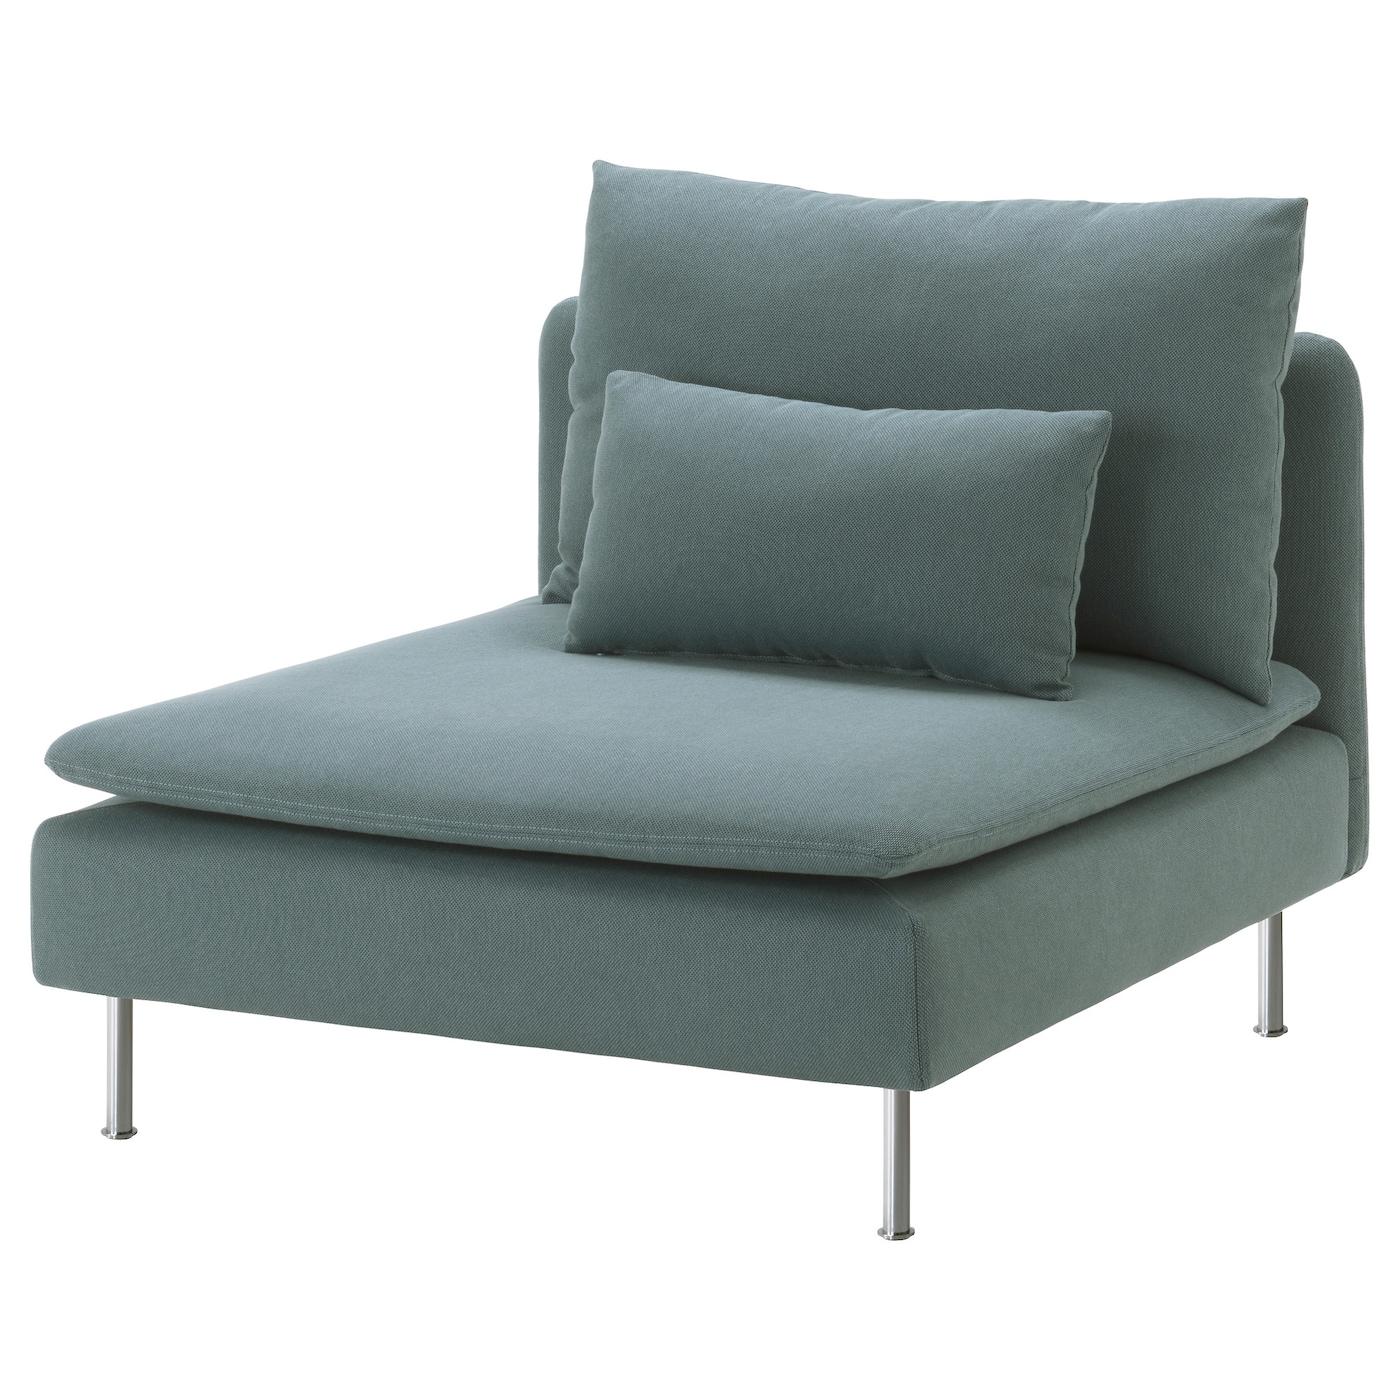 Full Size of Ikea Relaxsessel Strandmon Mit Hocker Grau Garten Kinder Sessel Elektrisch Leder Gebraucht Muren Schlafsessel Matratzen 2020 Küche Kaufen Betten Bei Kosten Wohnzimmer Ikea Relaxsessel